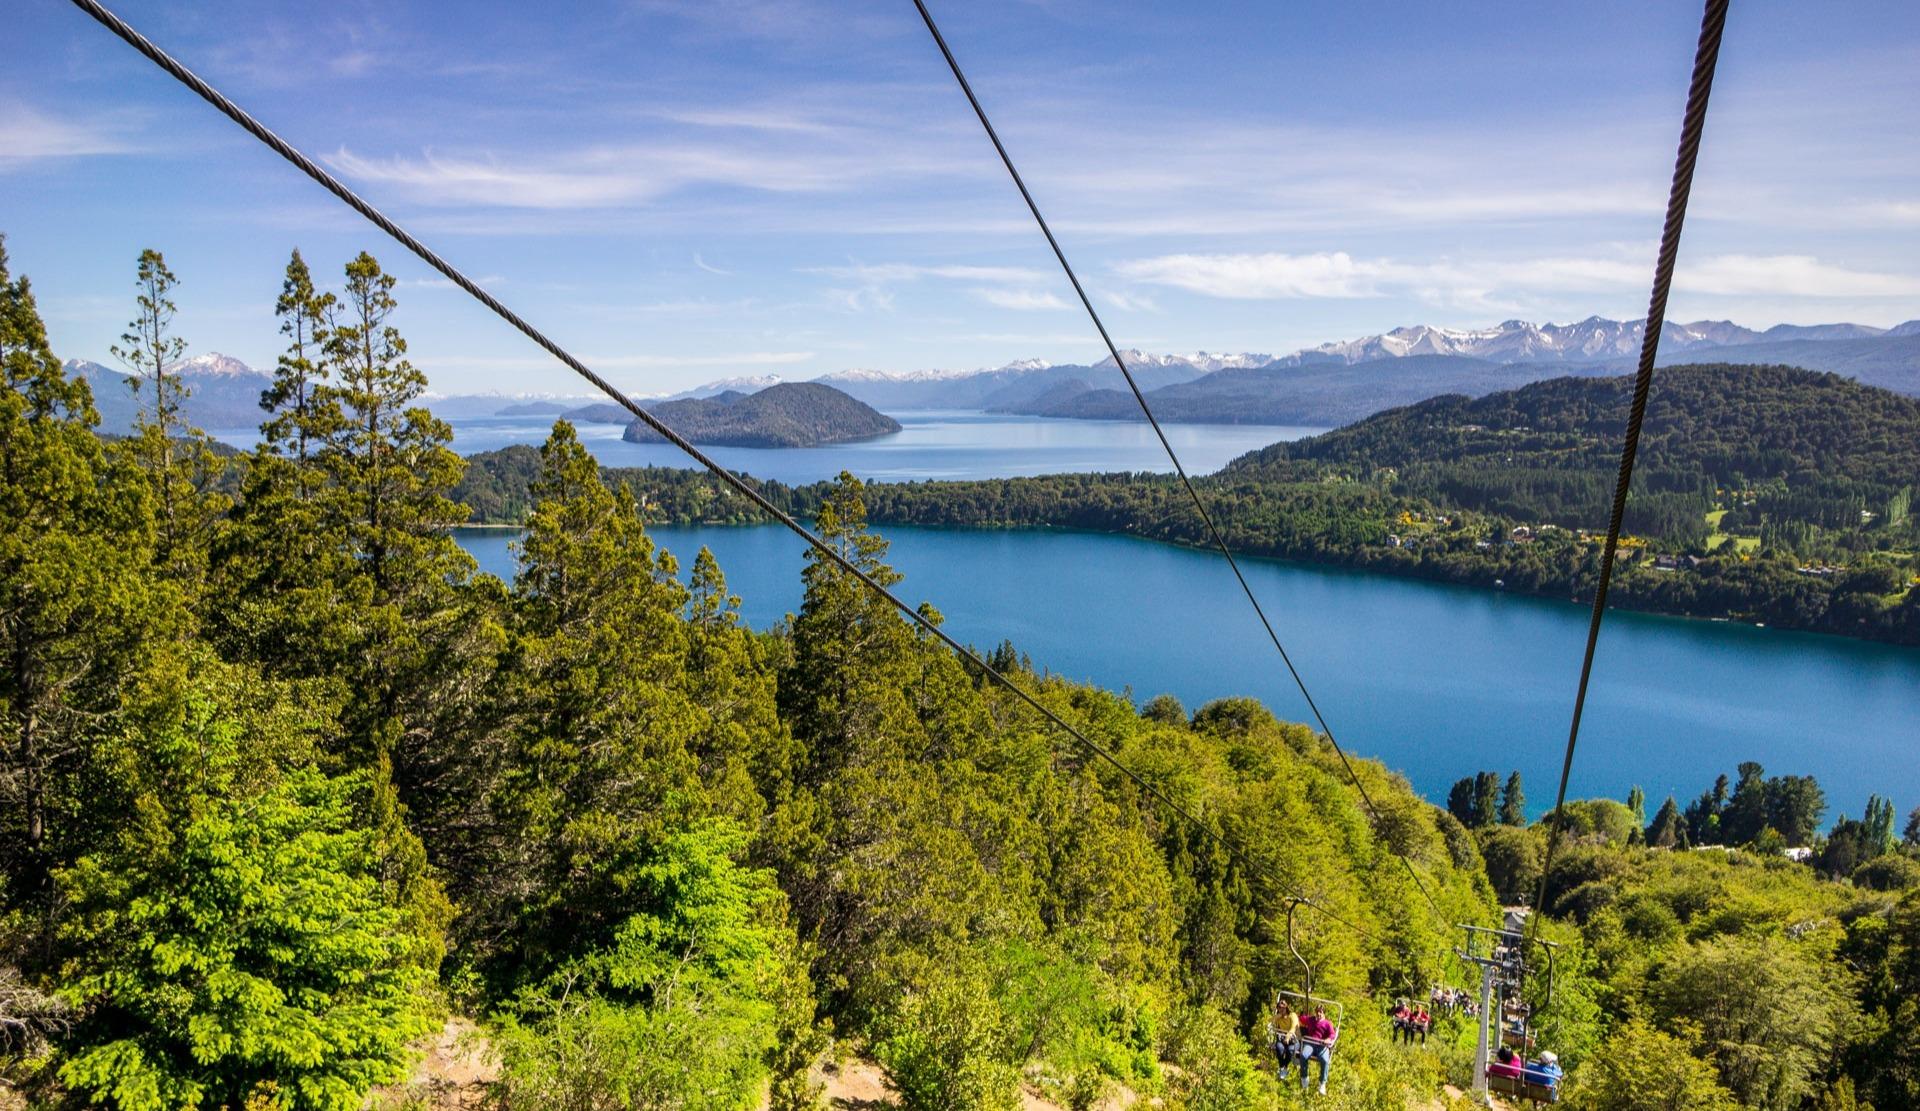 Bariloche mutet mit seinen Sesselliften und dem Bergpanorama wie ein europäisches Alpenstädtchen an. Quelle: Viventura